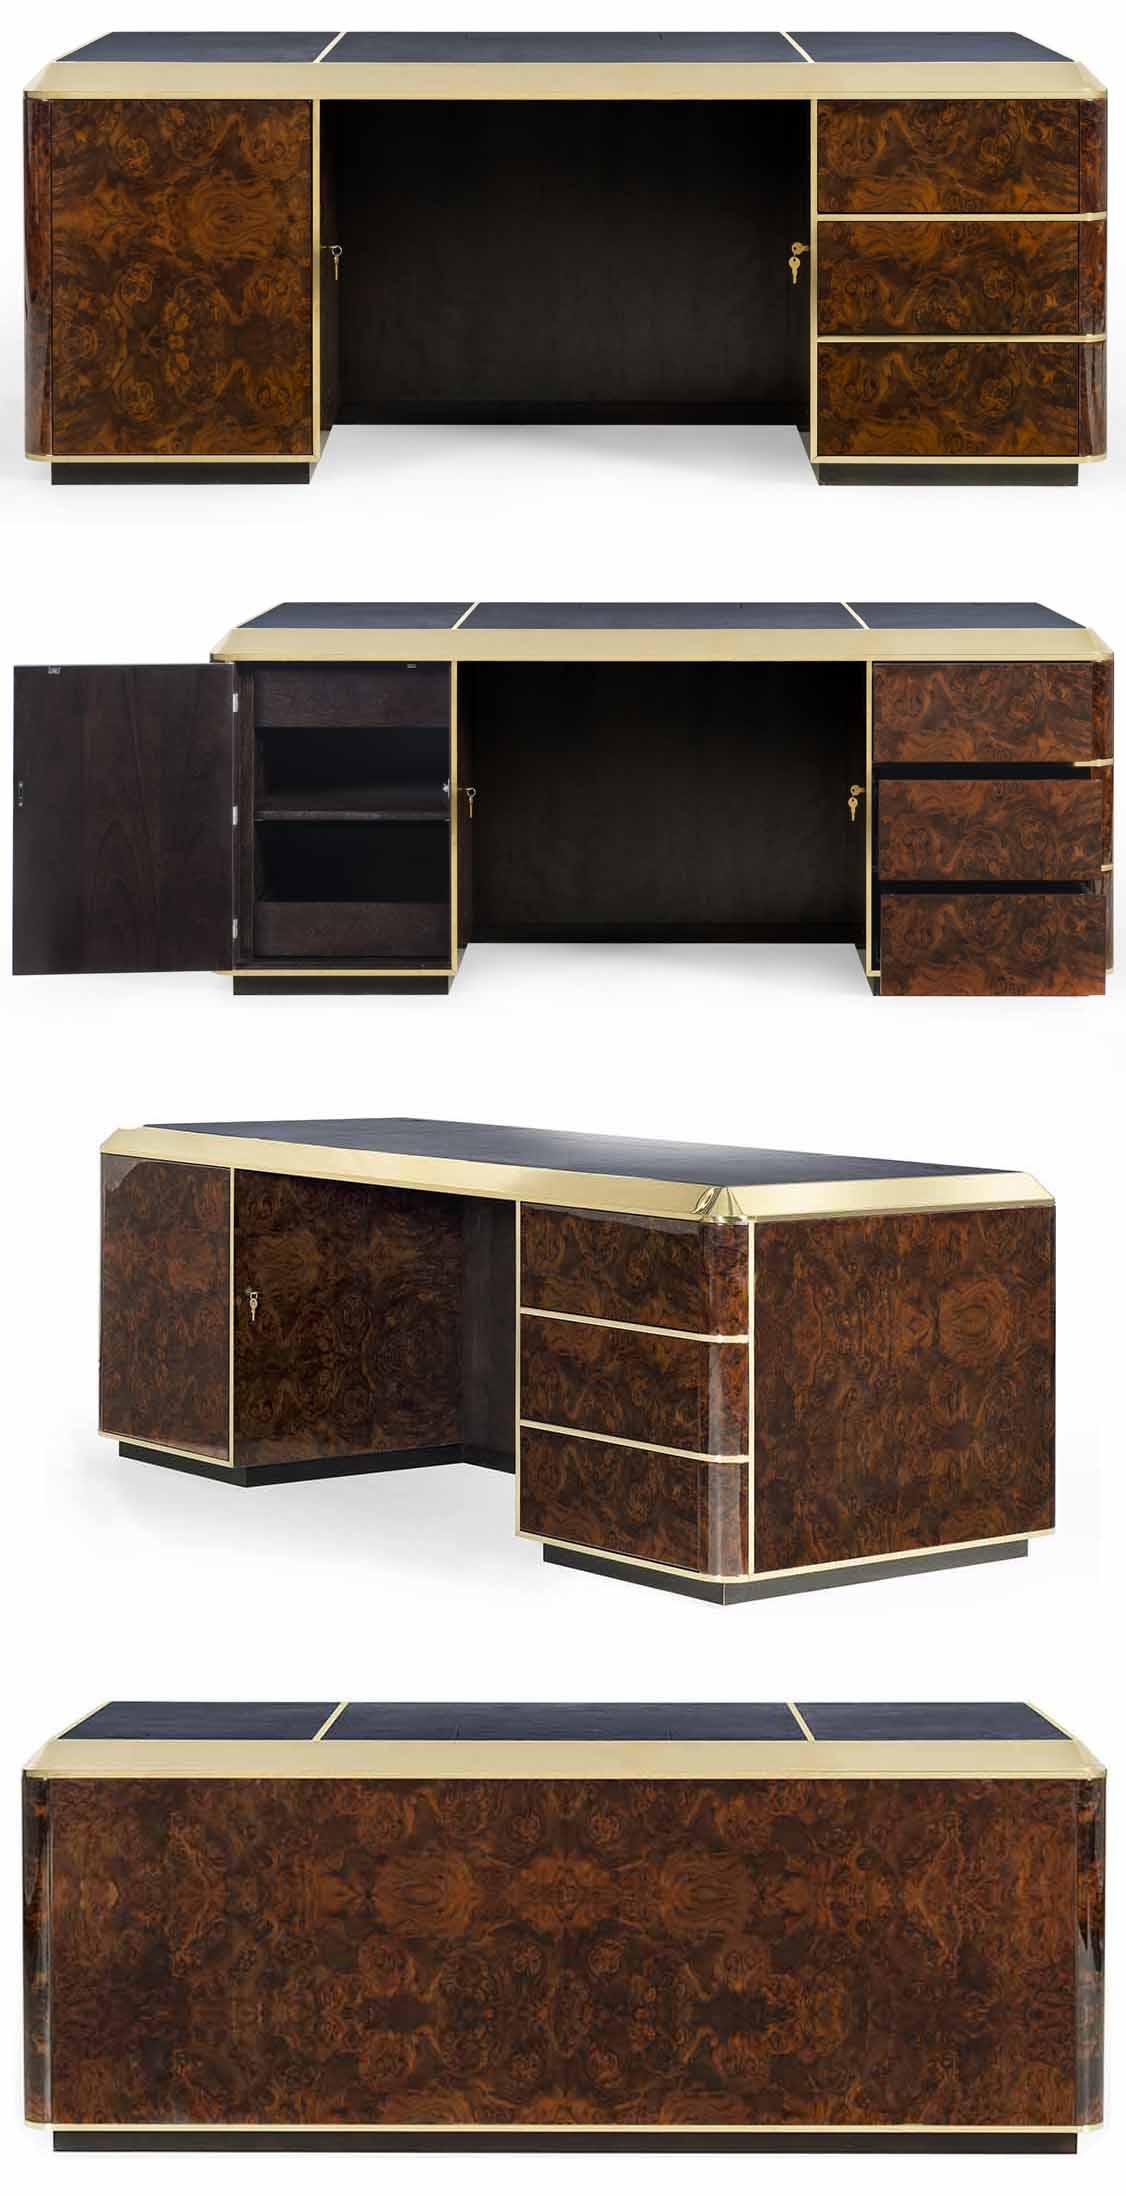 Bespoke desk by Decca London